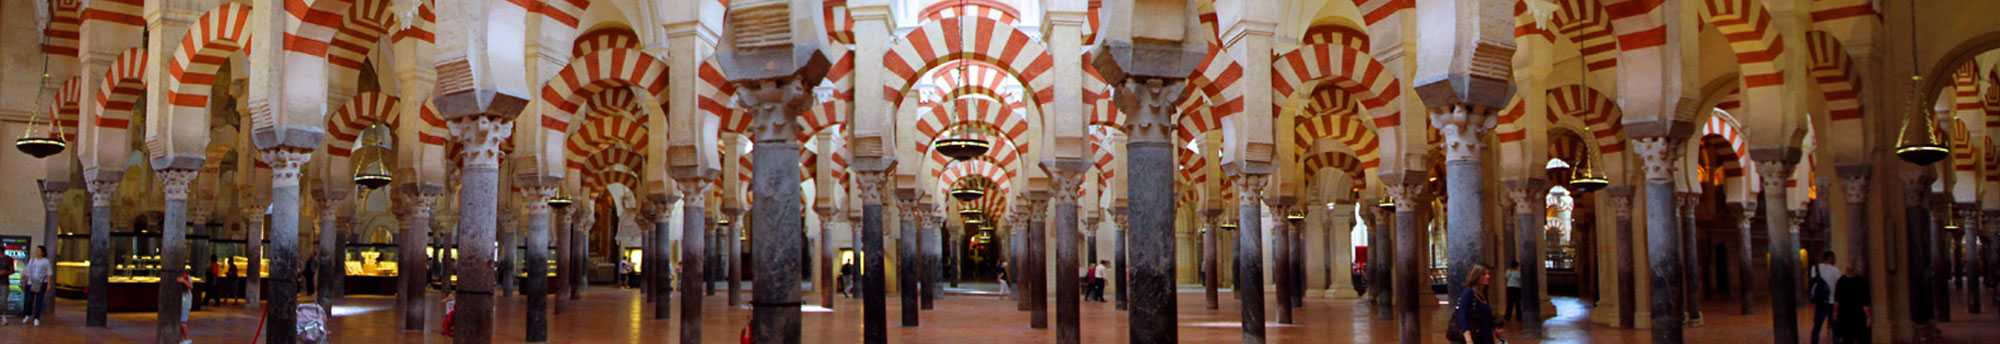 Billets d'entrée à la Mosquée de Cordoue